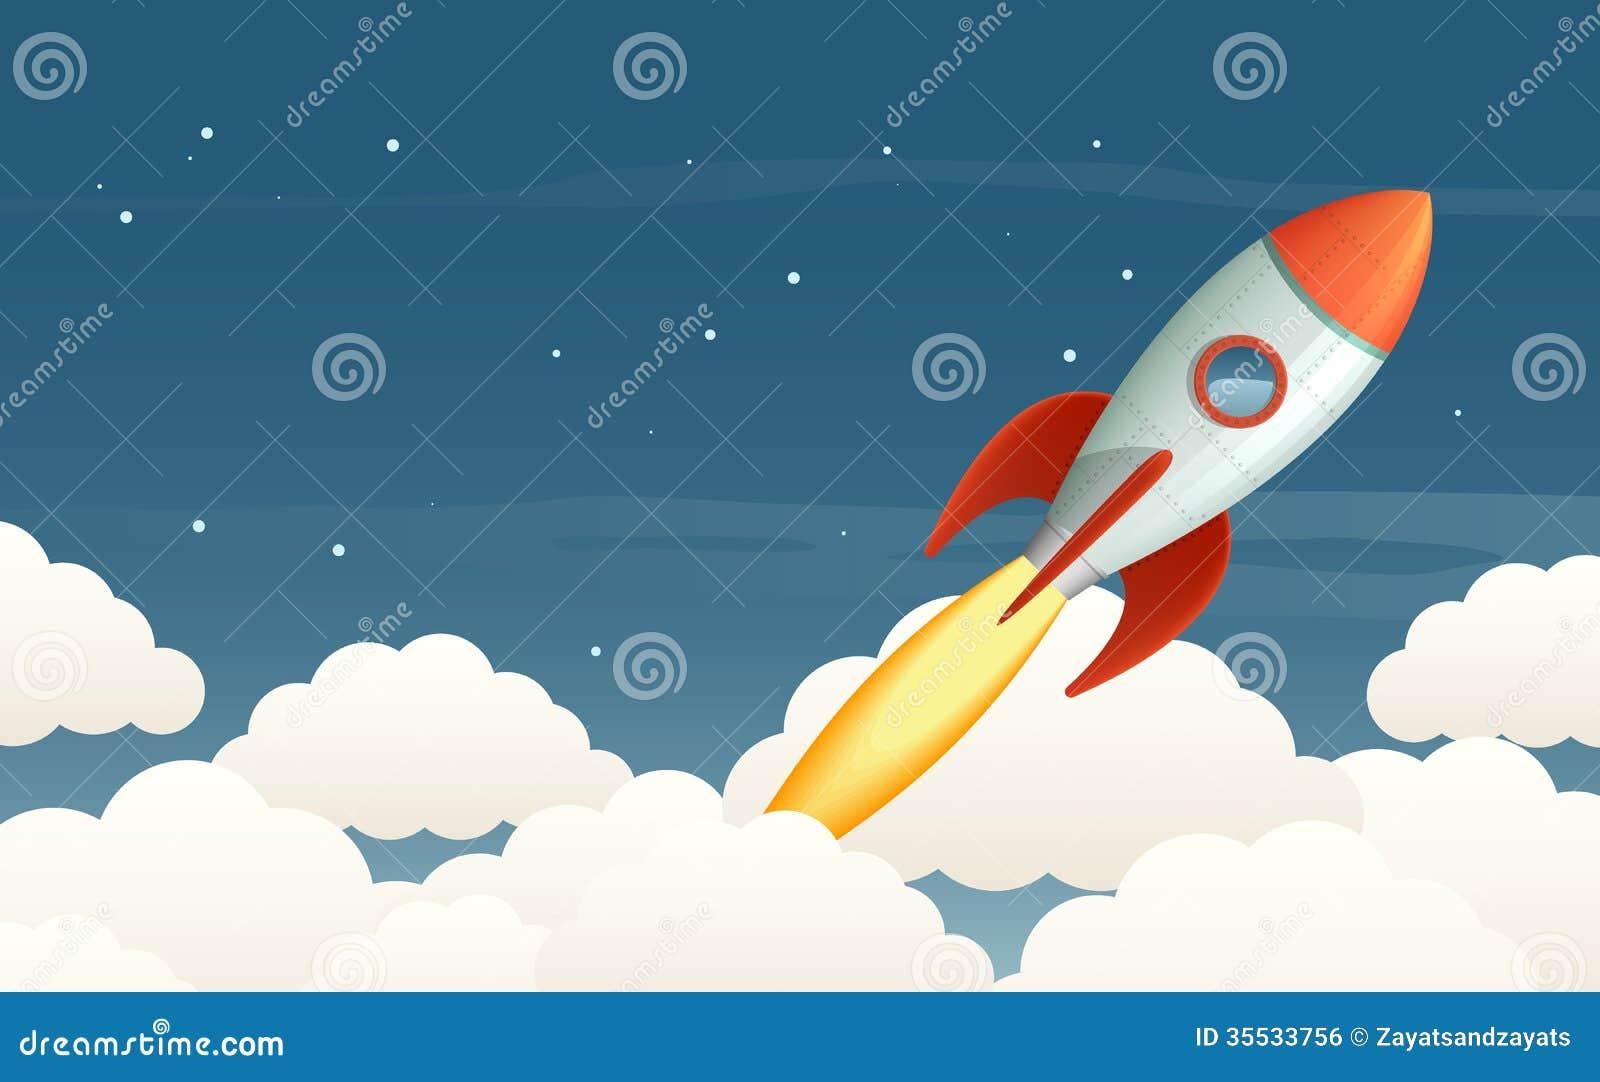 flying rocket clip art